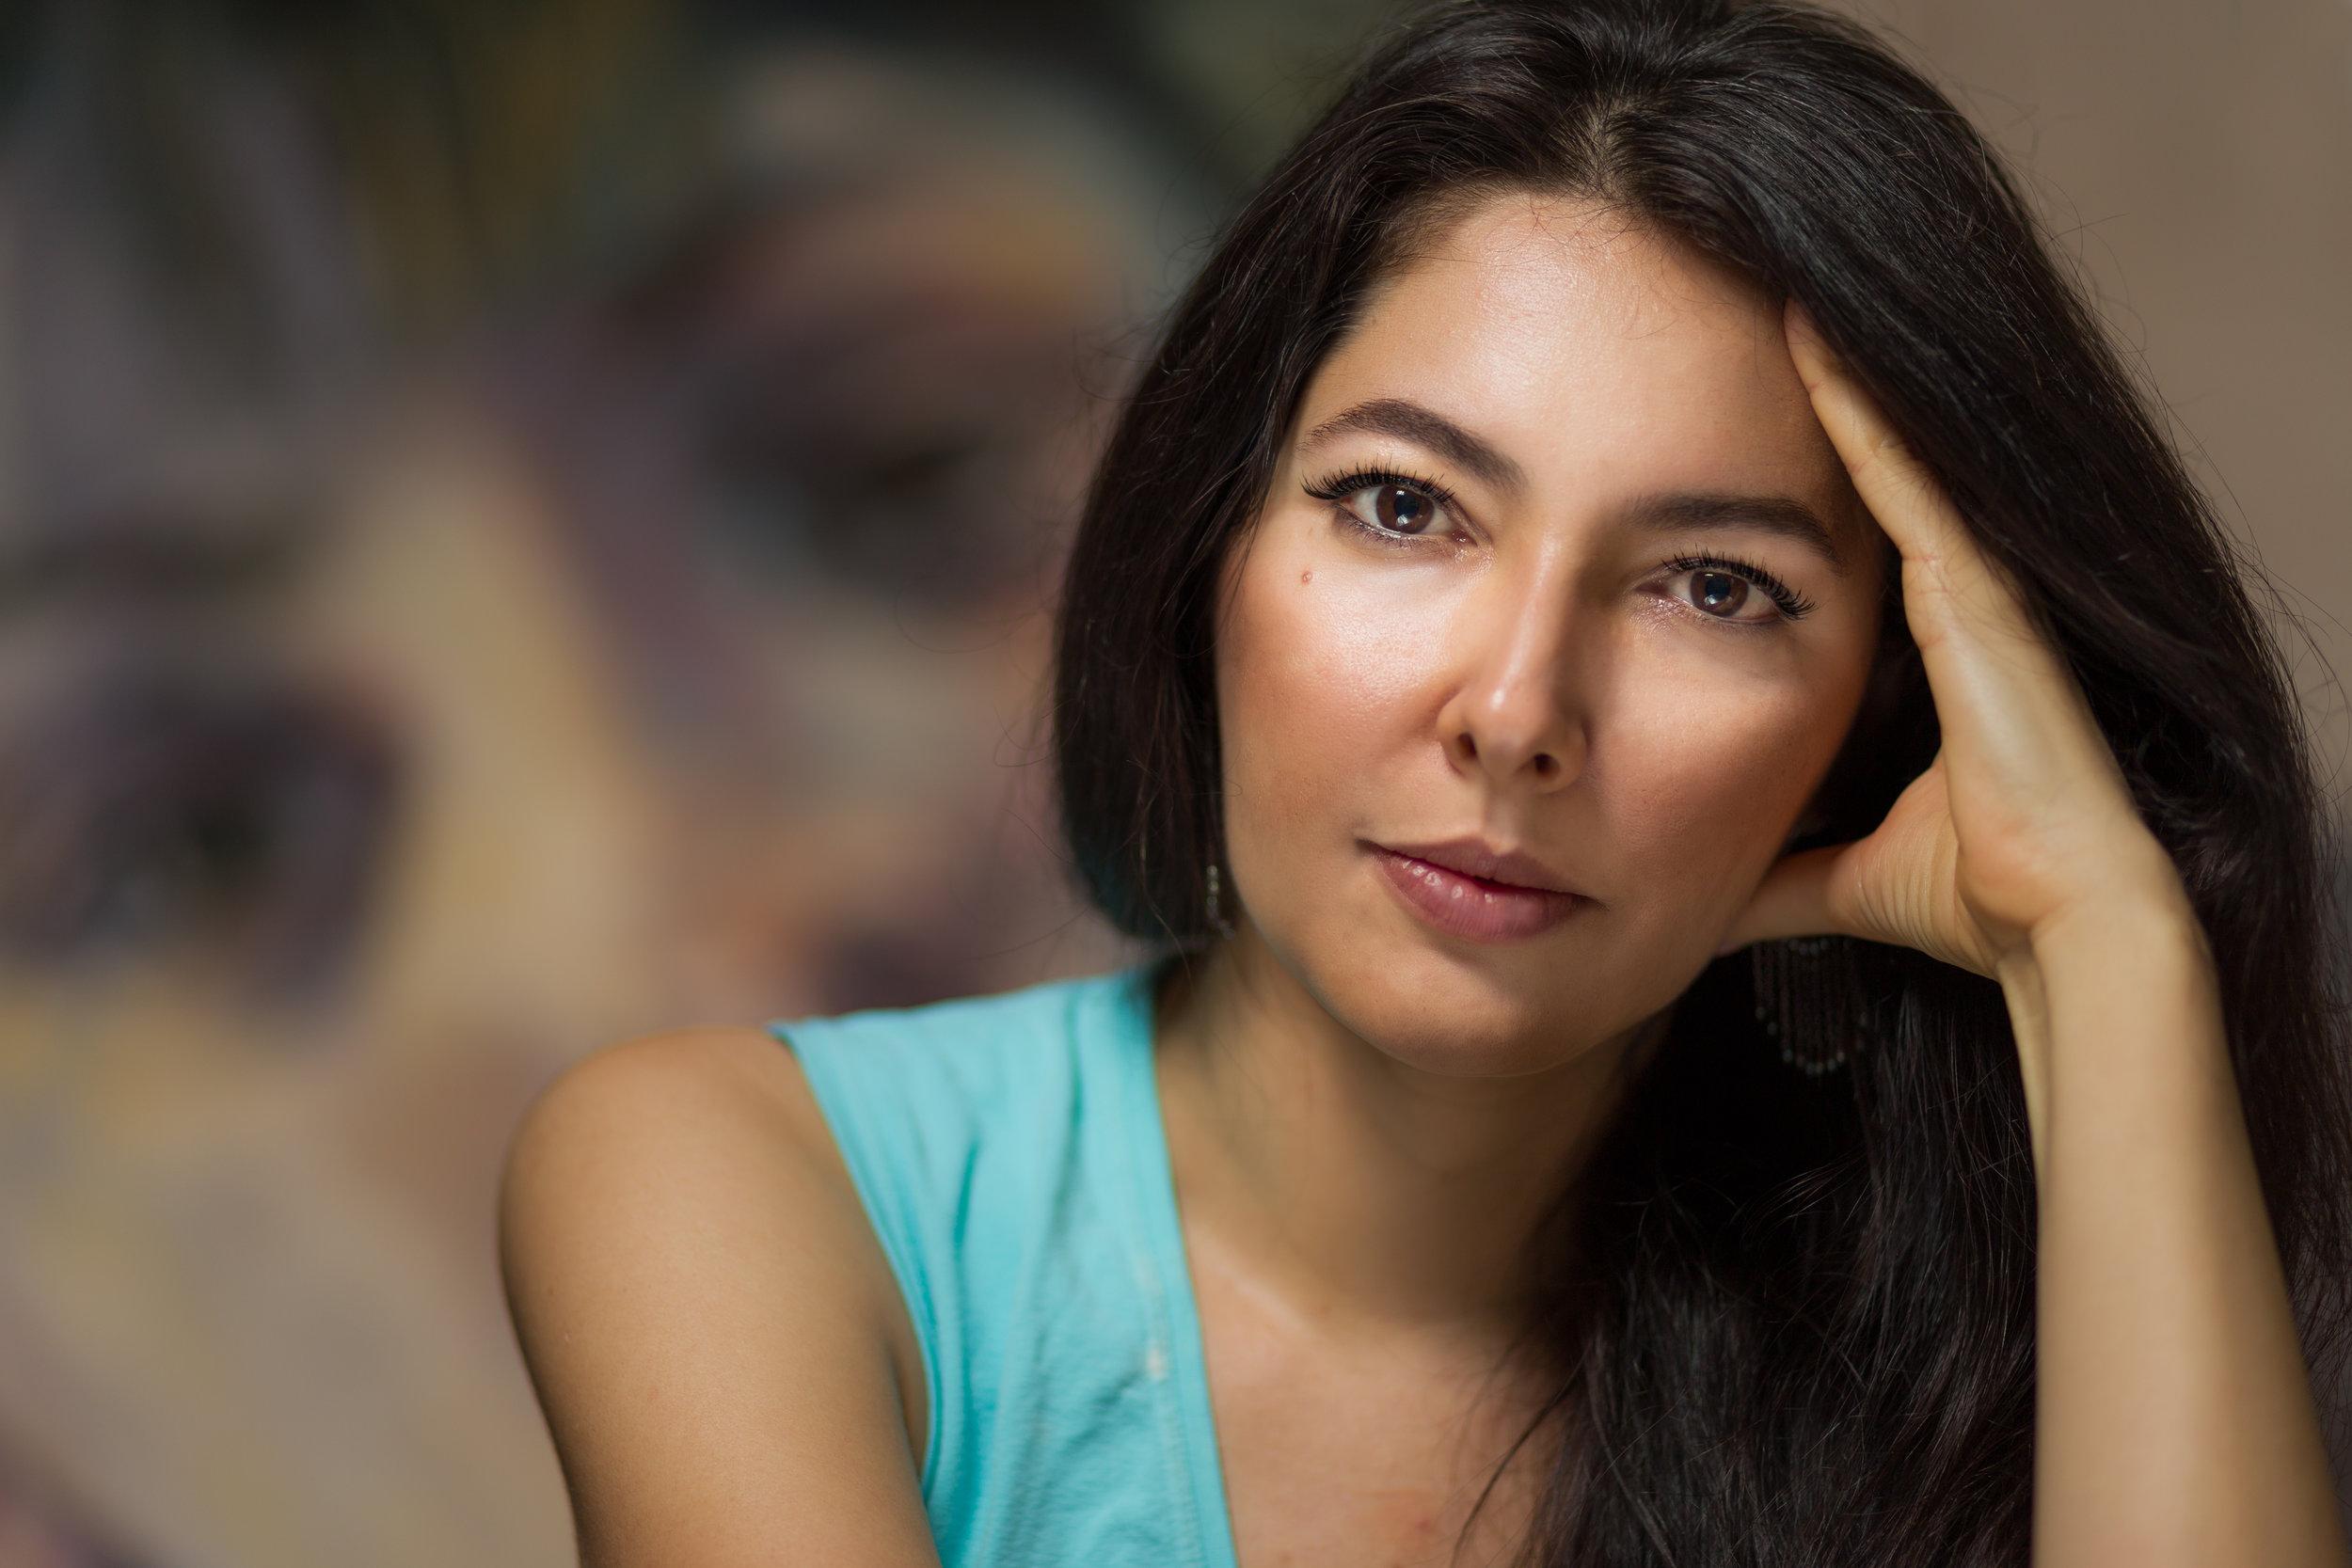 Zhenya Gershman